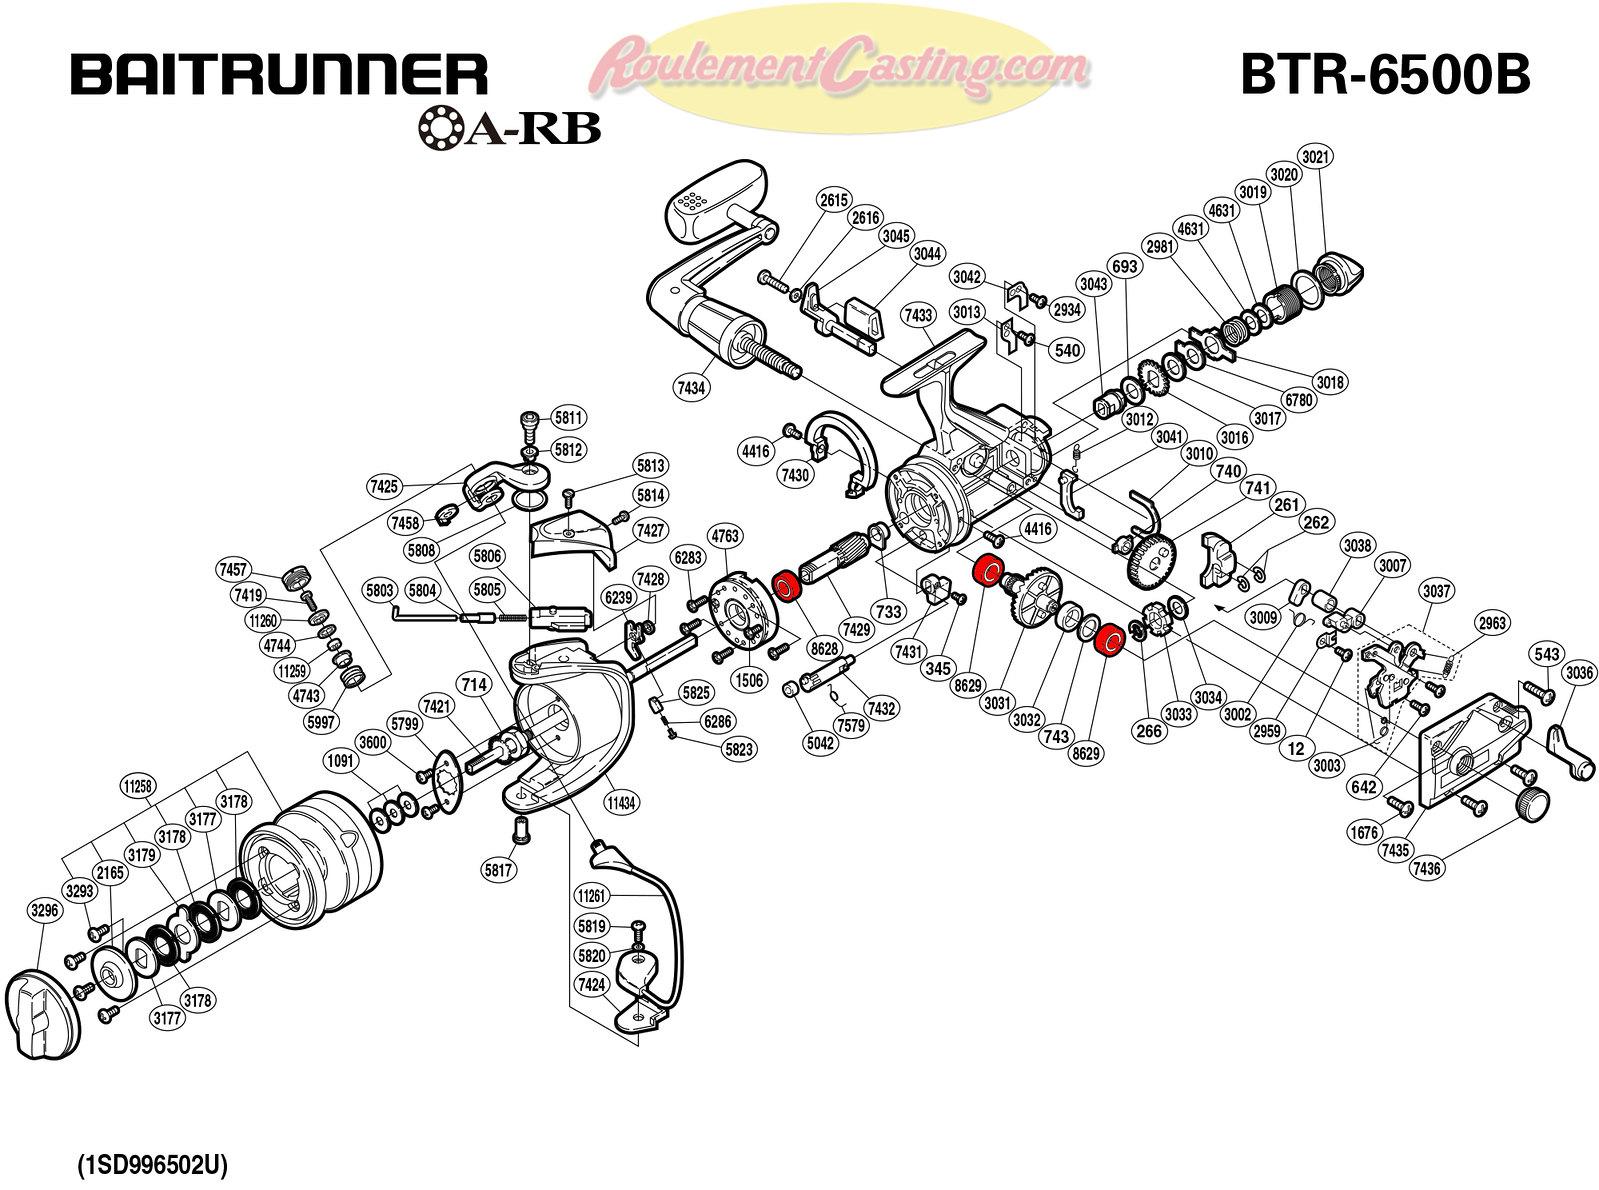 Schema-Shimano-BAITRUNNER-6500B